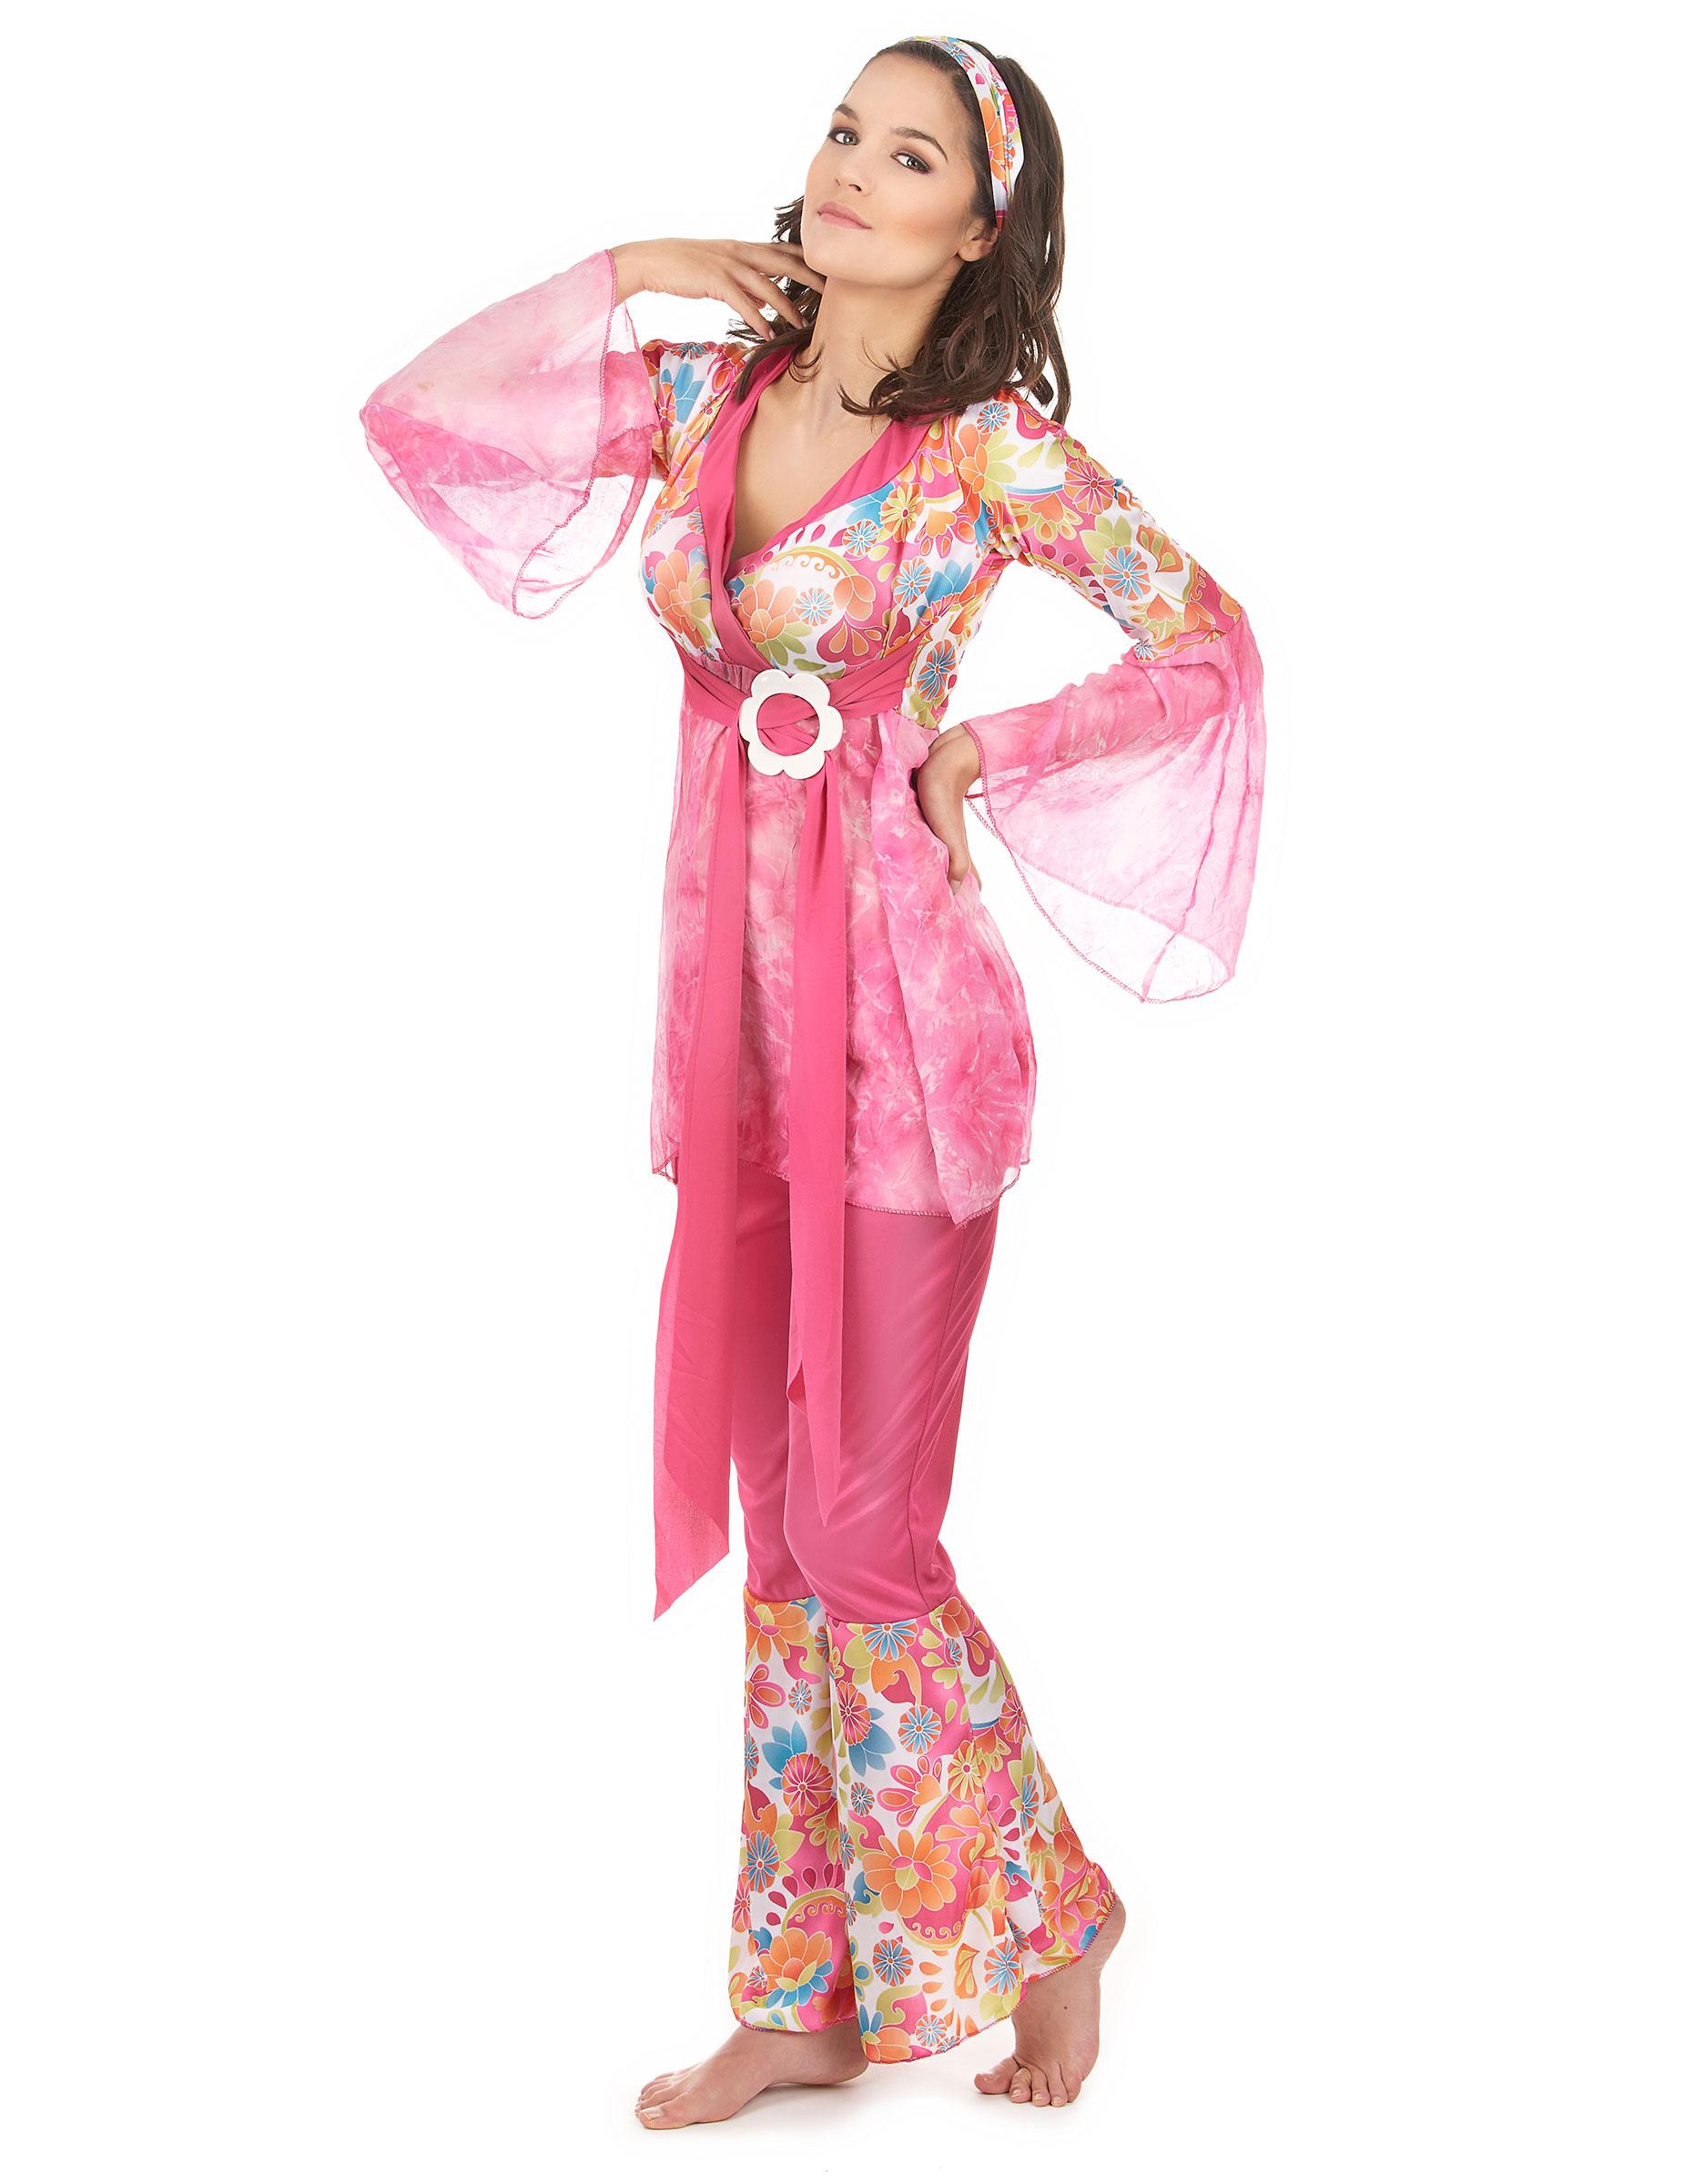 Roze Carnavalskleding Dames.Goedkope Hippie Carnavalskleding Voor Dames Vegaoo Nl